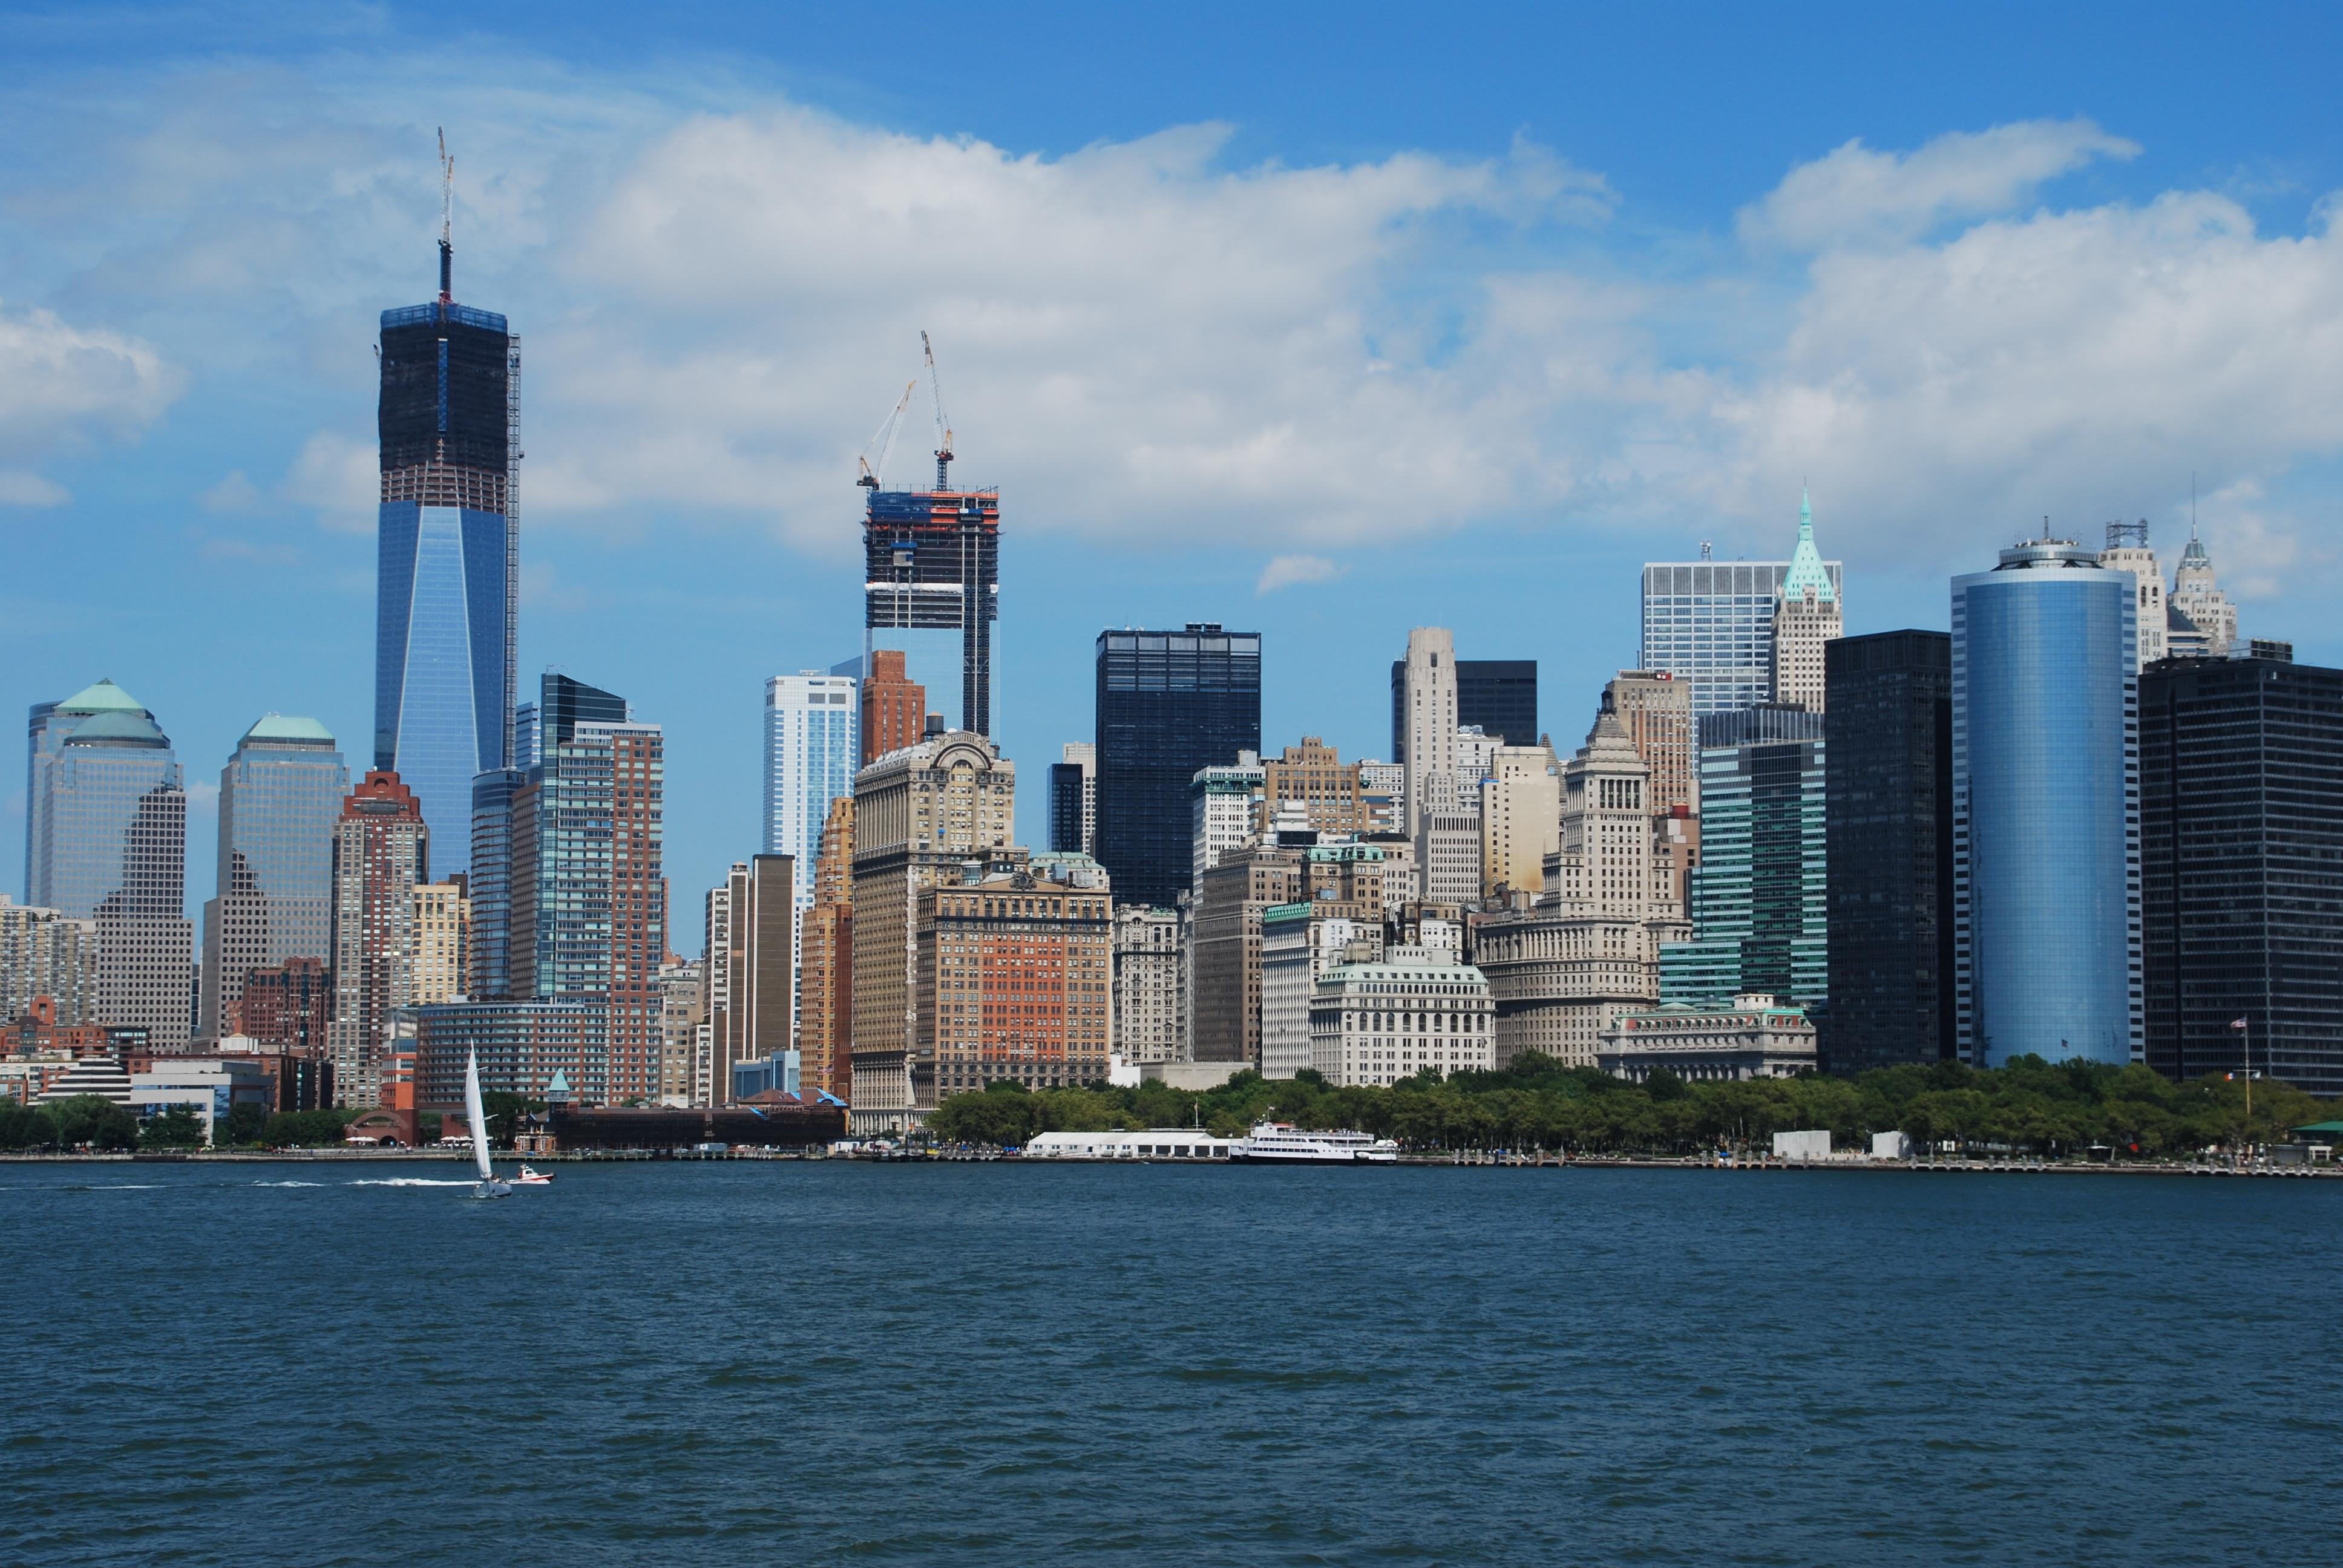 fotos gratis mar costa horizonte rascacielos nueva york manhattan paisaje urbano centro de la ciudad vehculo torre baha